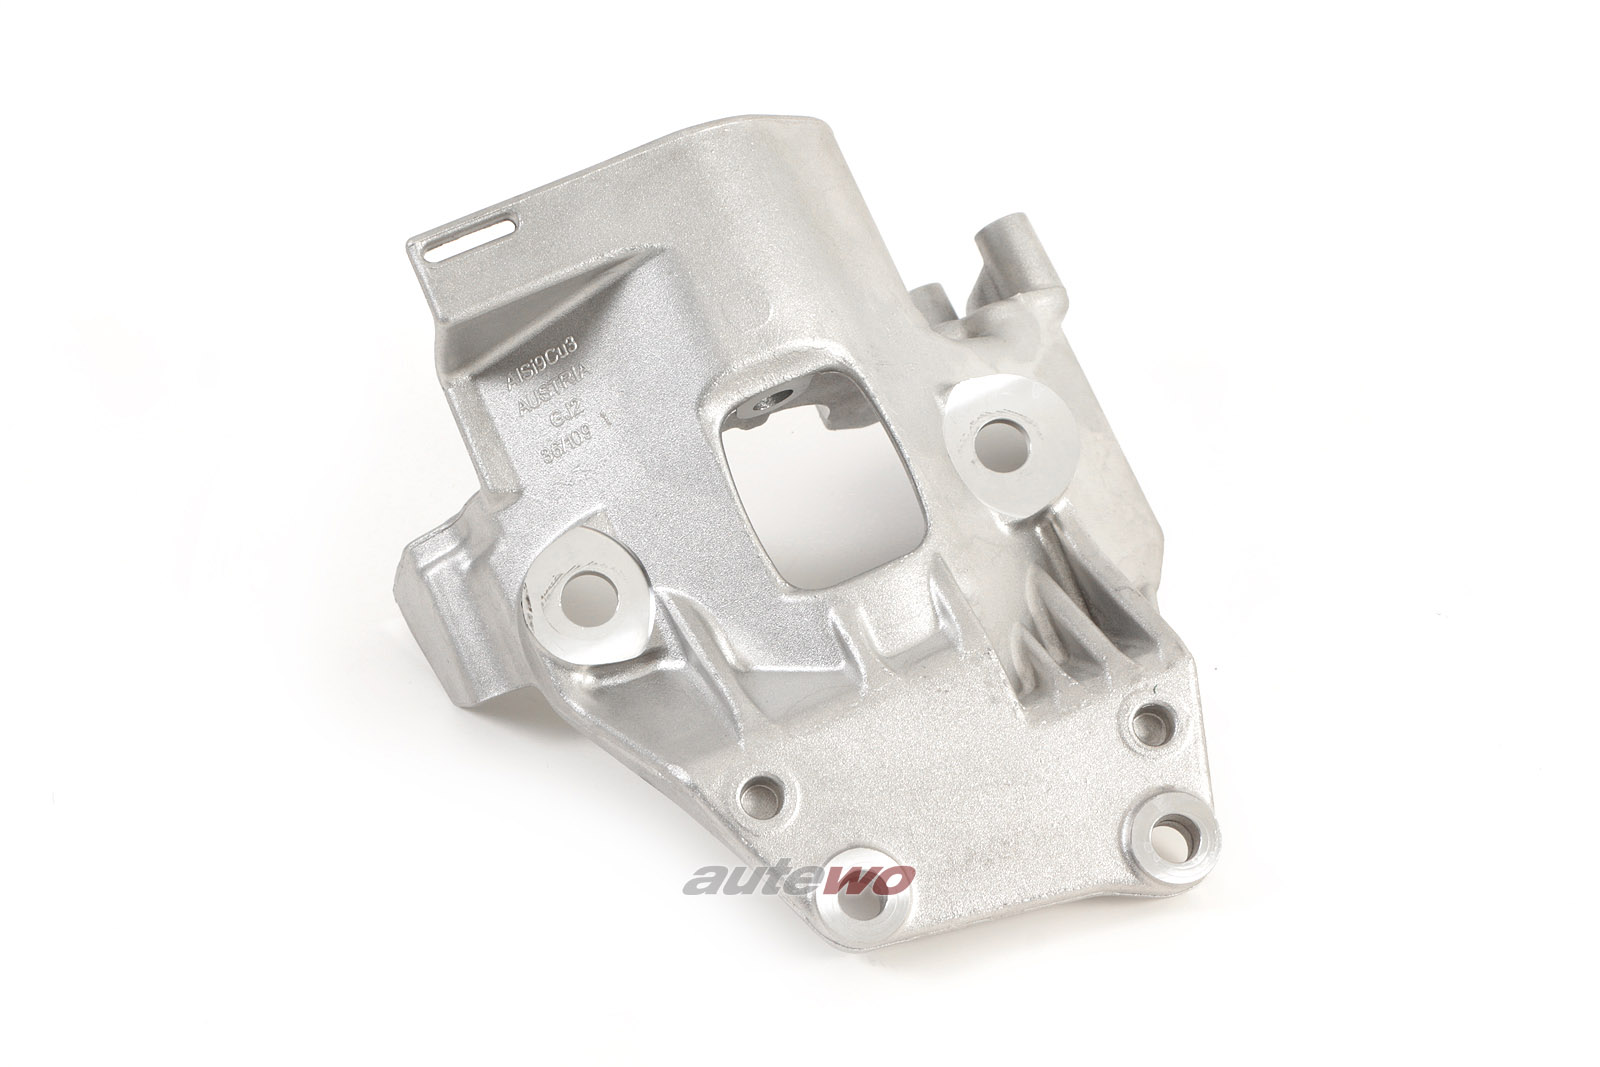 057130147AE 057130147AF NEU Audi/VW A8 D4/4H/Q7 4.2l TDI Konsole Hochdruckpumpe